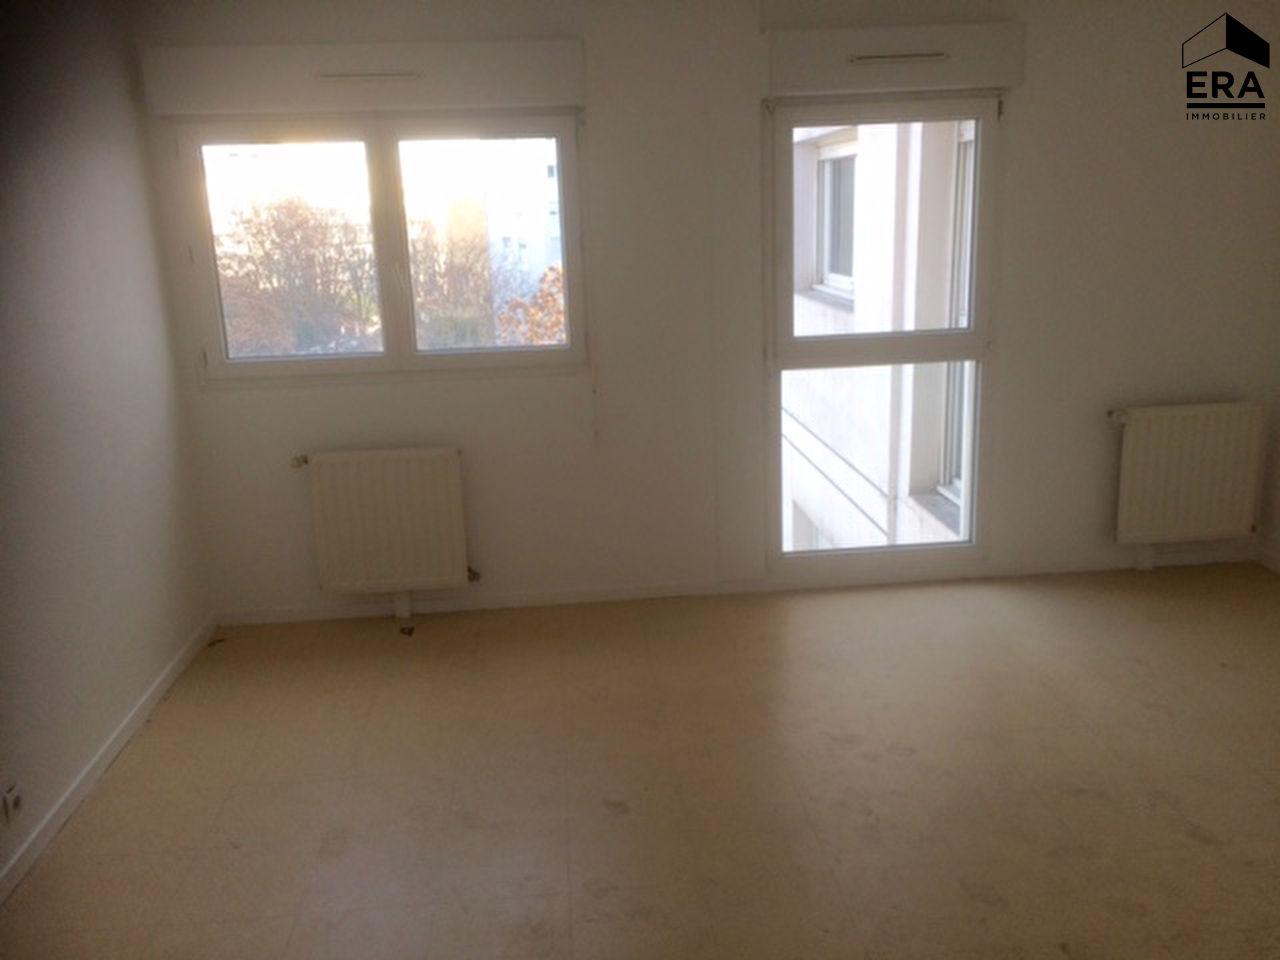 appartement à vendre SAINT DENIS 1 chambre(s)